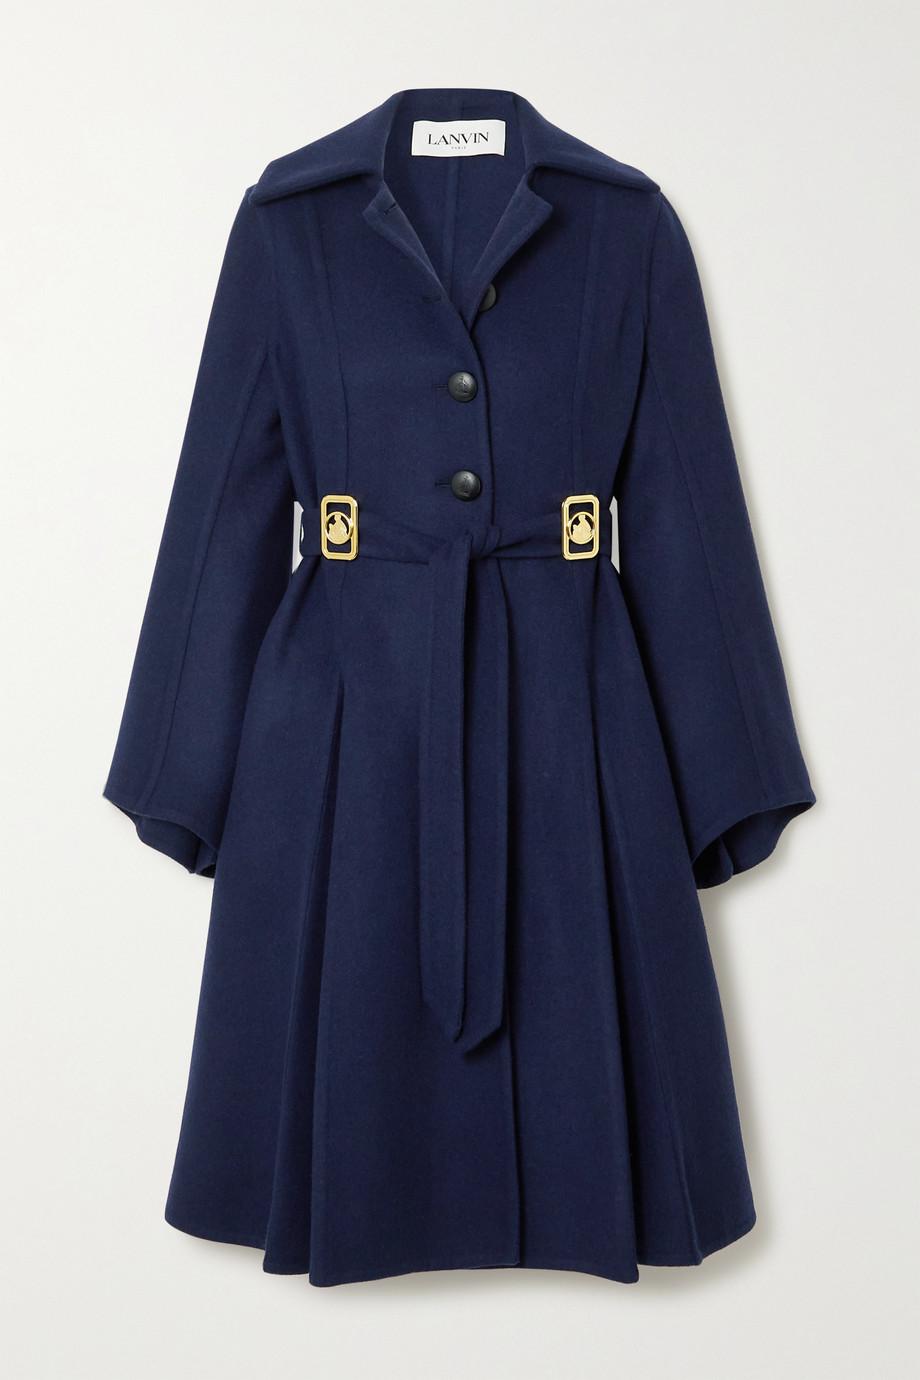 Lanvin Belted embellished wool-blend coat